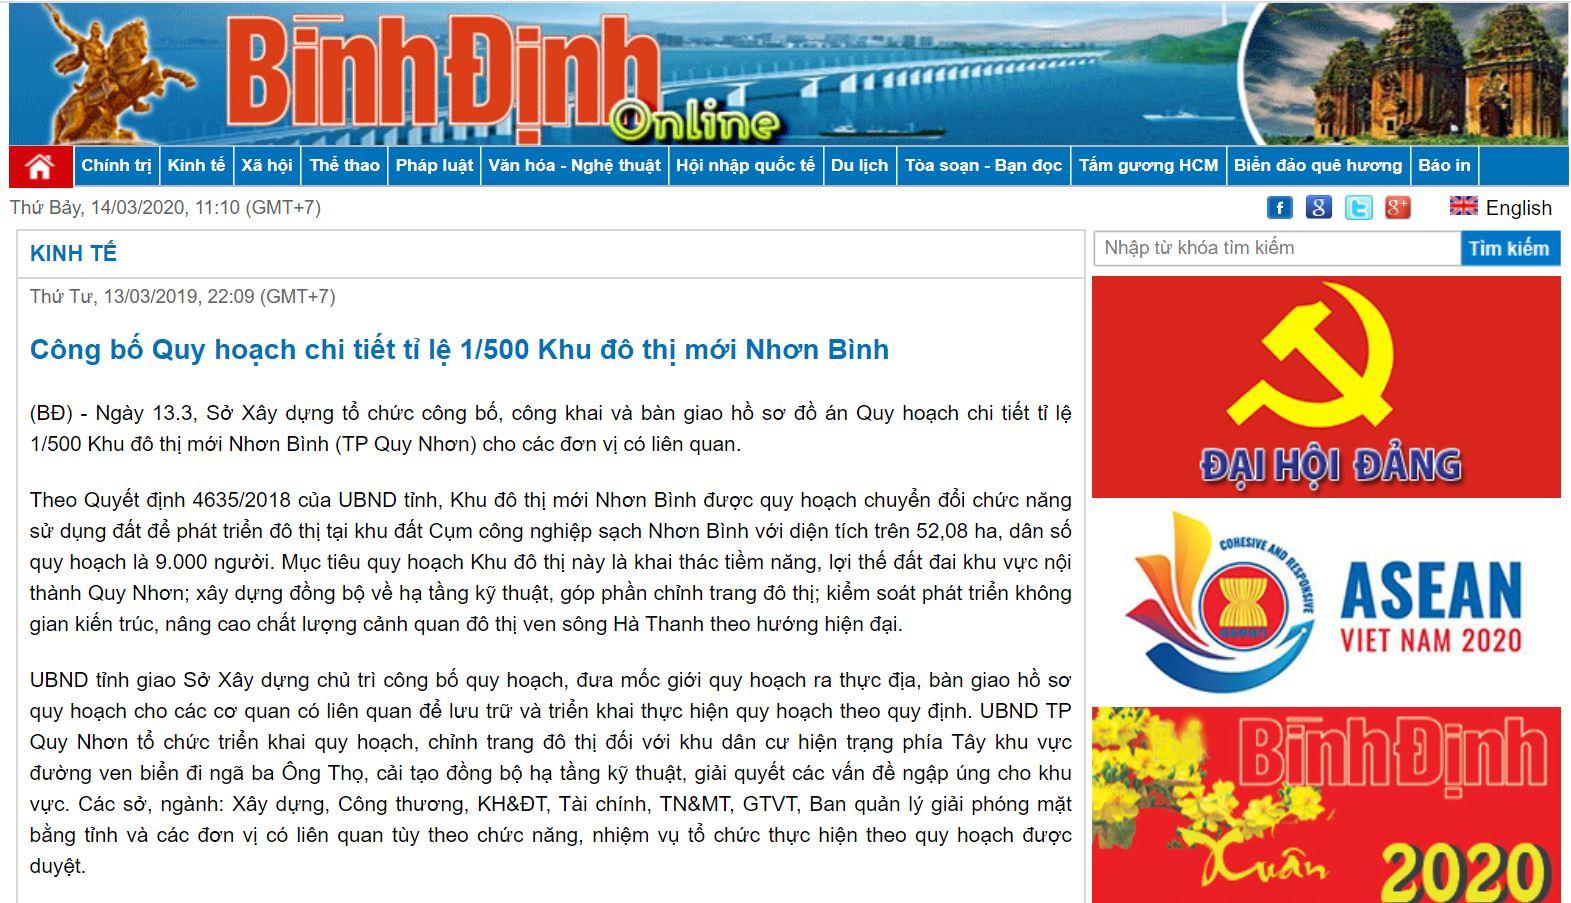 quyet-dinh-1.500-khu-cong-nghiep-sach-nhon-binh